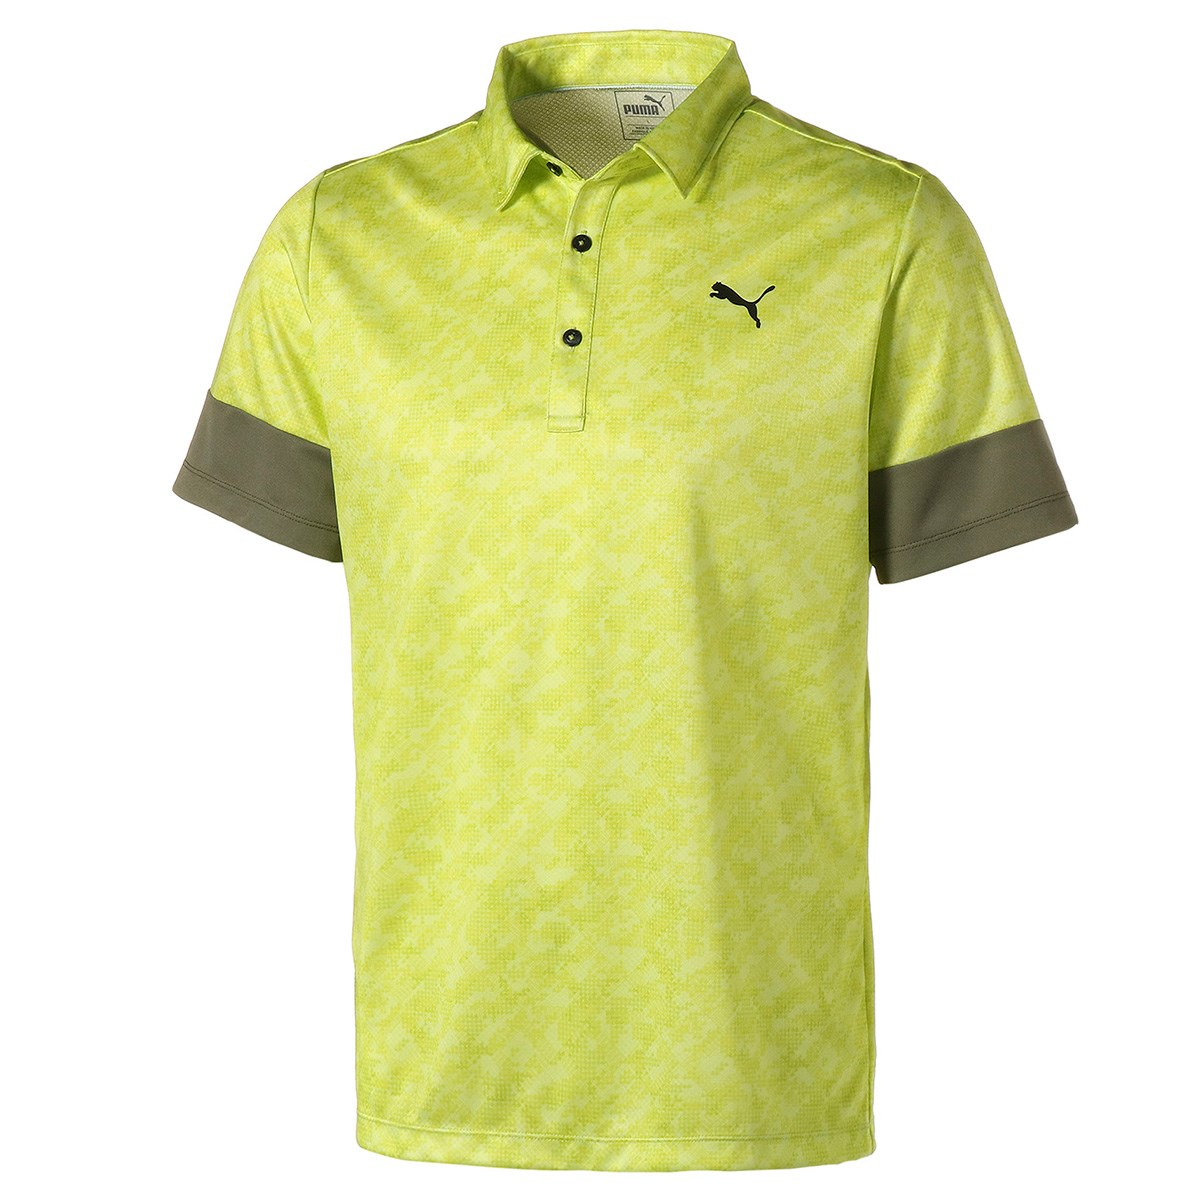 プーマ(PUMA) カフスリーブ 半袖ポロシャツ